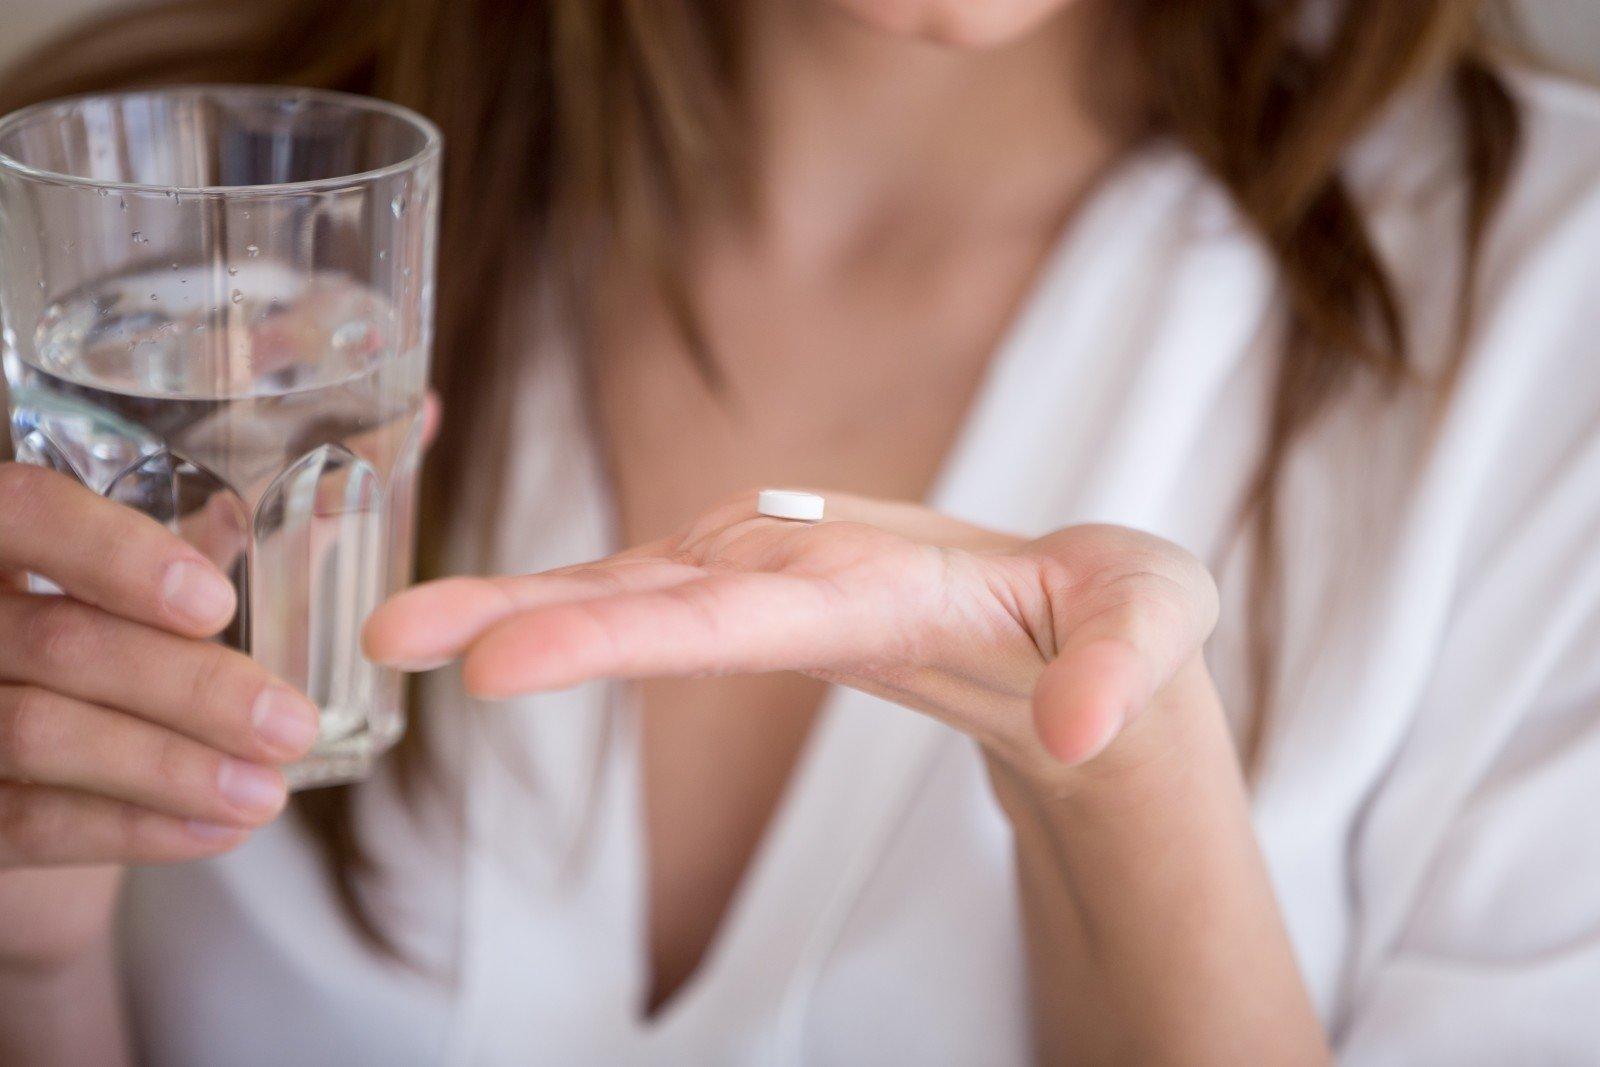 mažos dozės kūdikio aspirino širdies sveikata